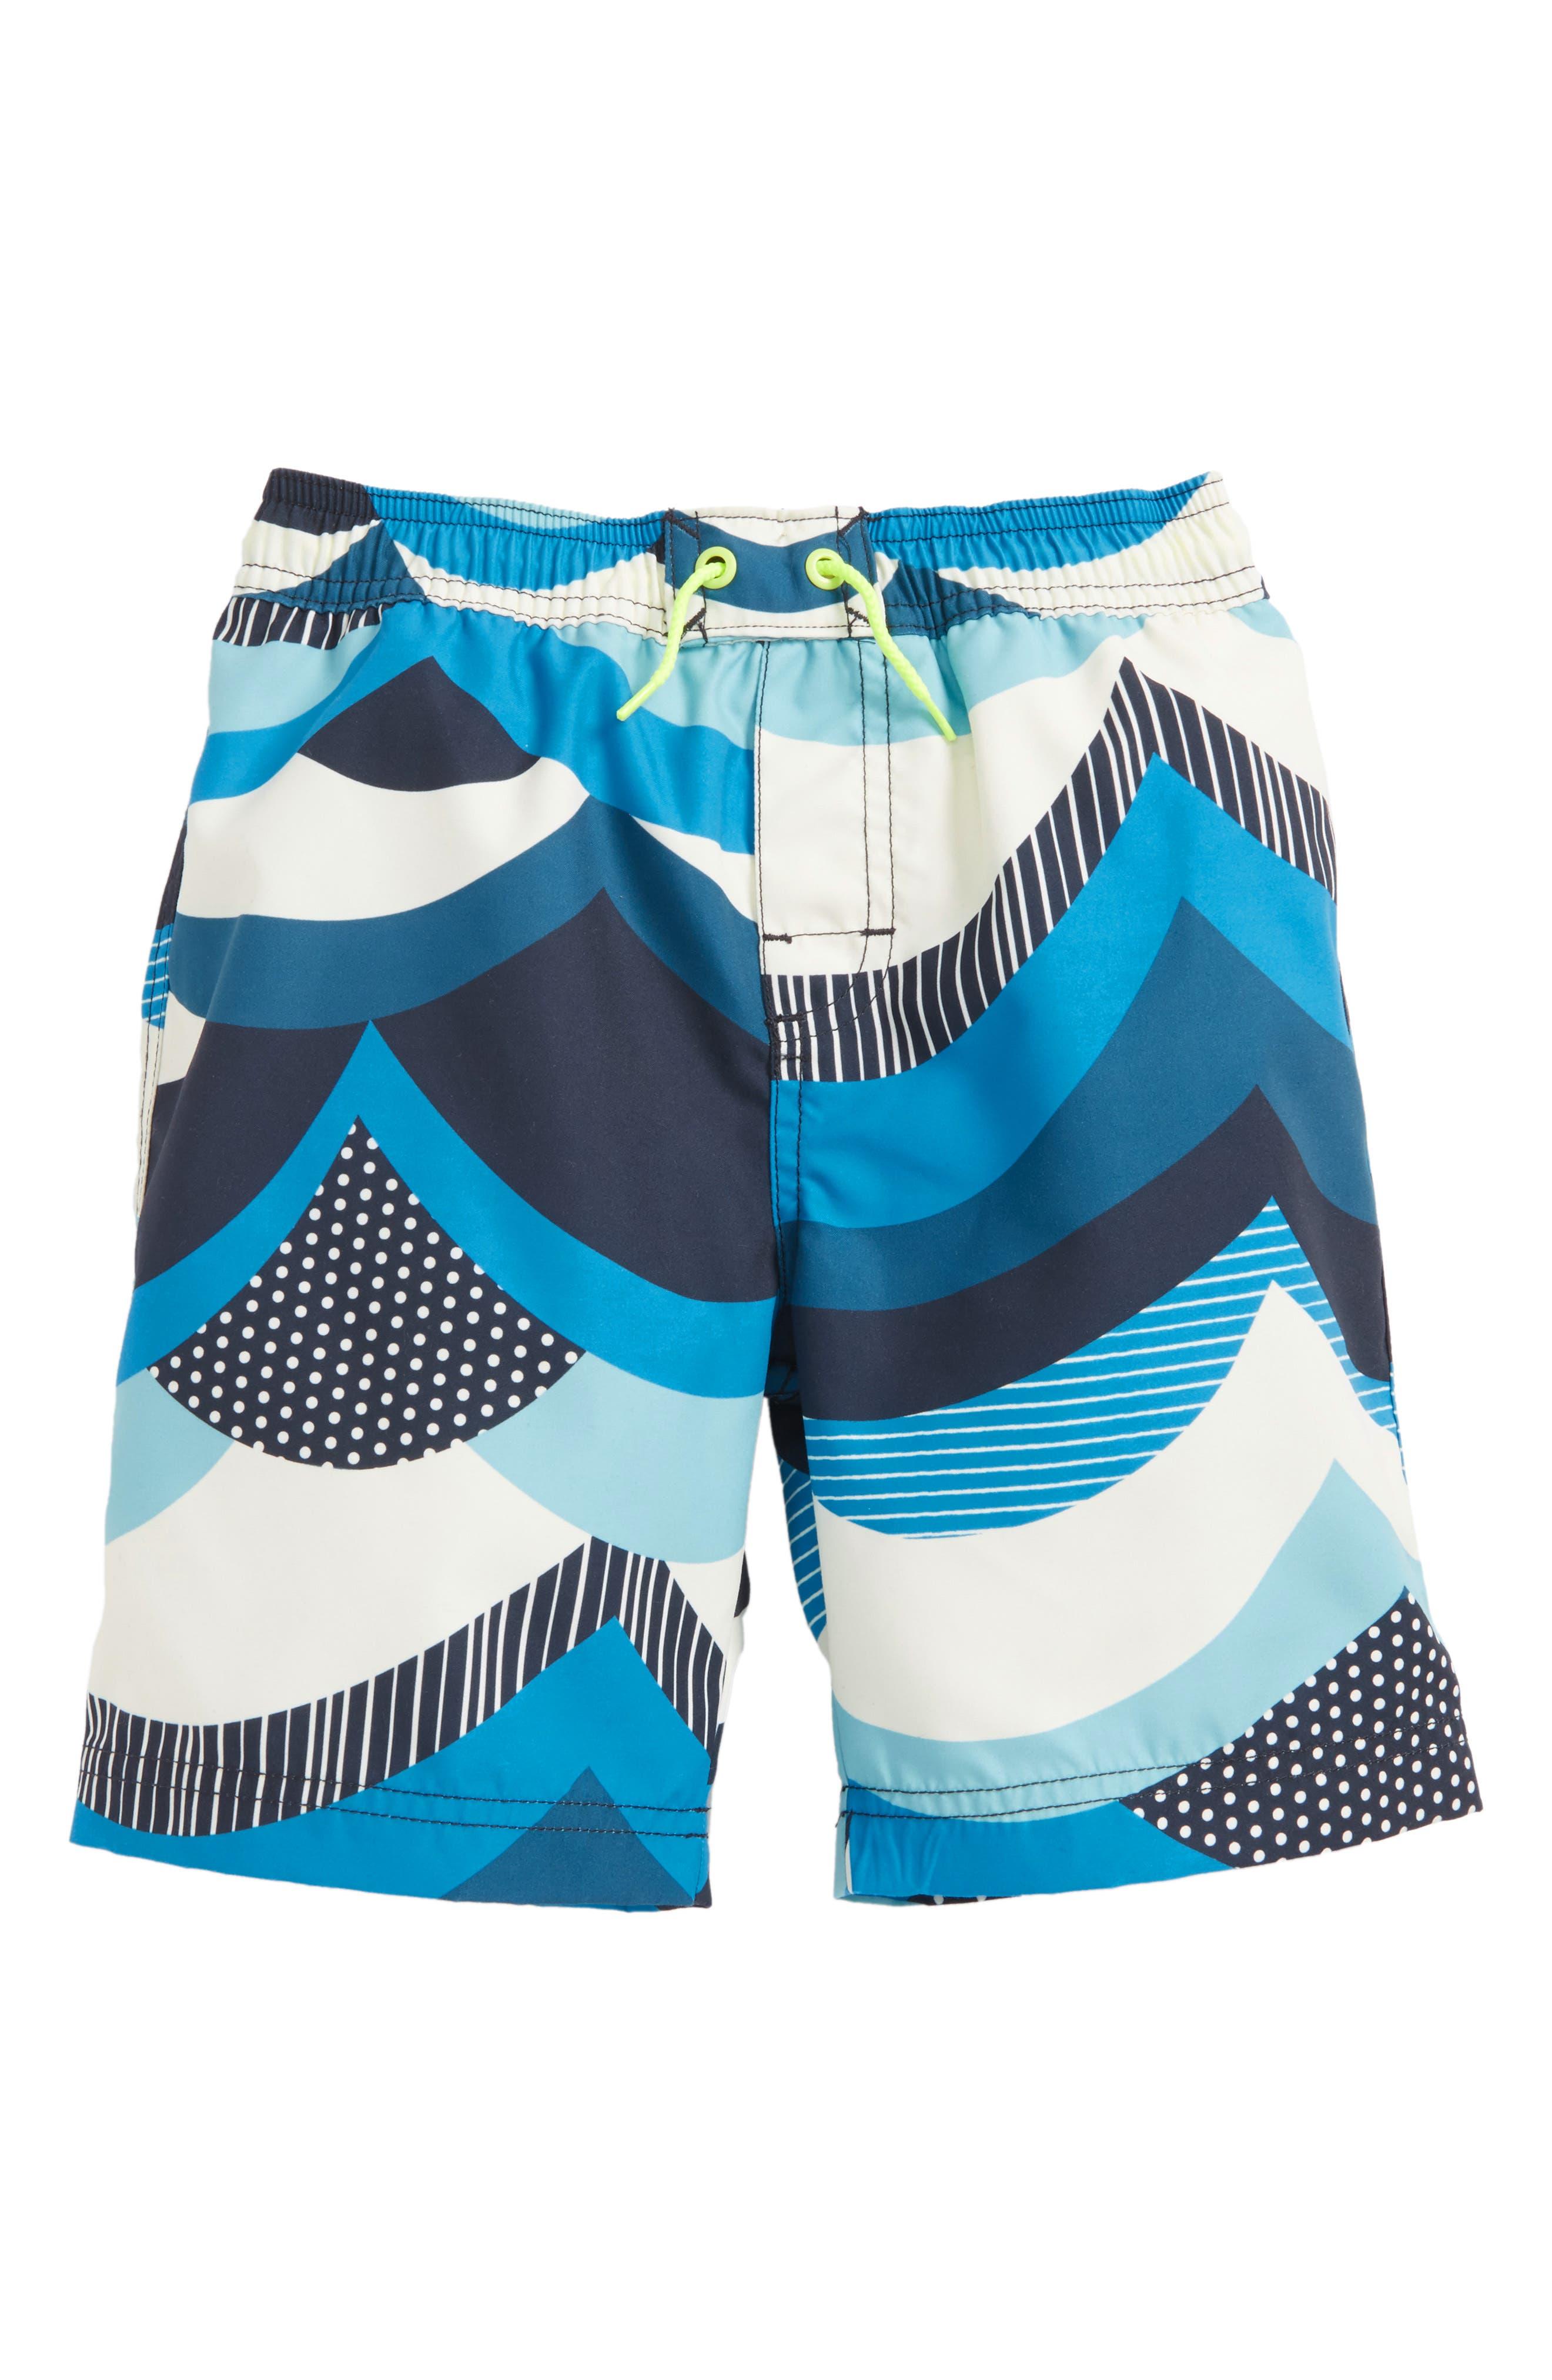 Make Waves Swim Trunks,                         Main,                         color, Indigo